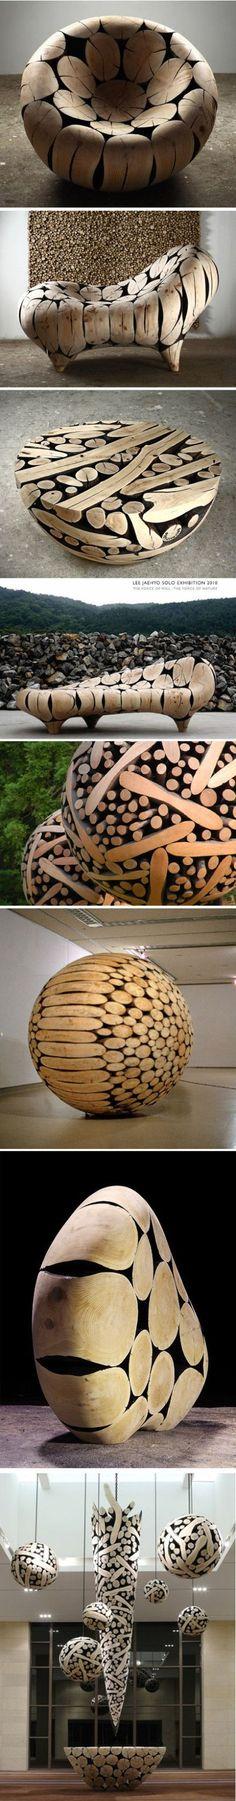 Diseño de mobiliario hecho de troncos de madera, pulidos para dar formar alguna figura.